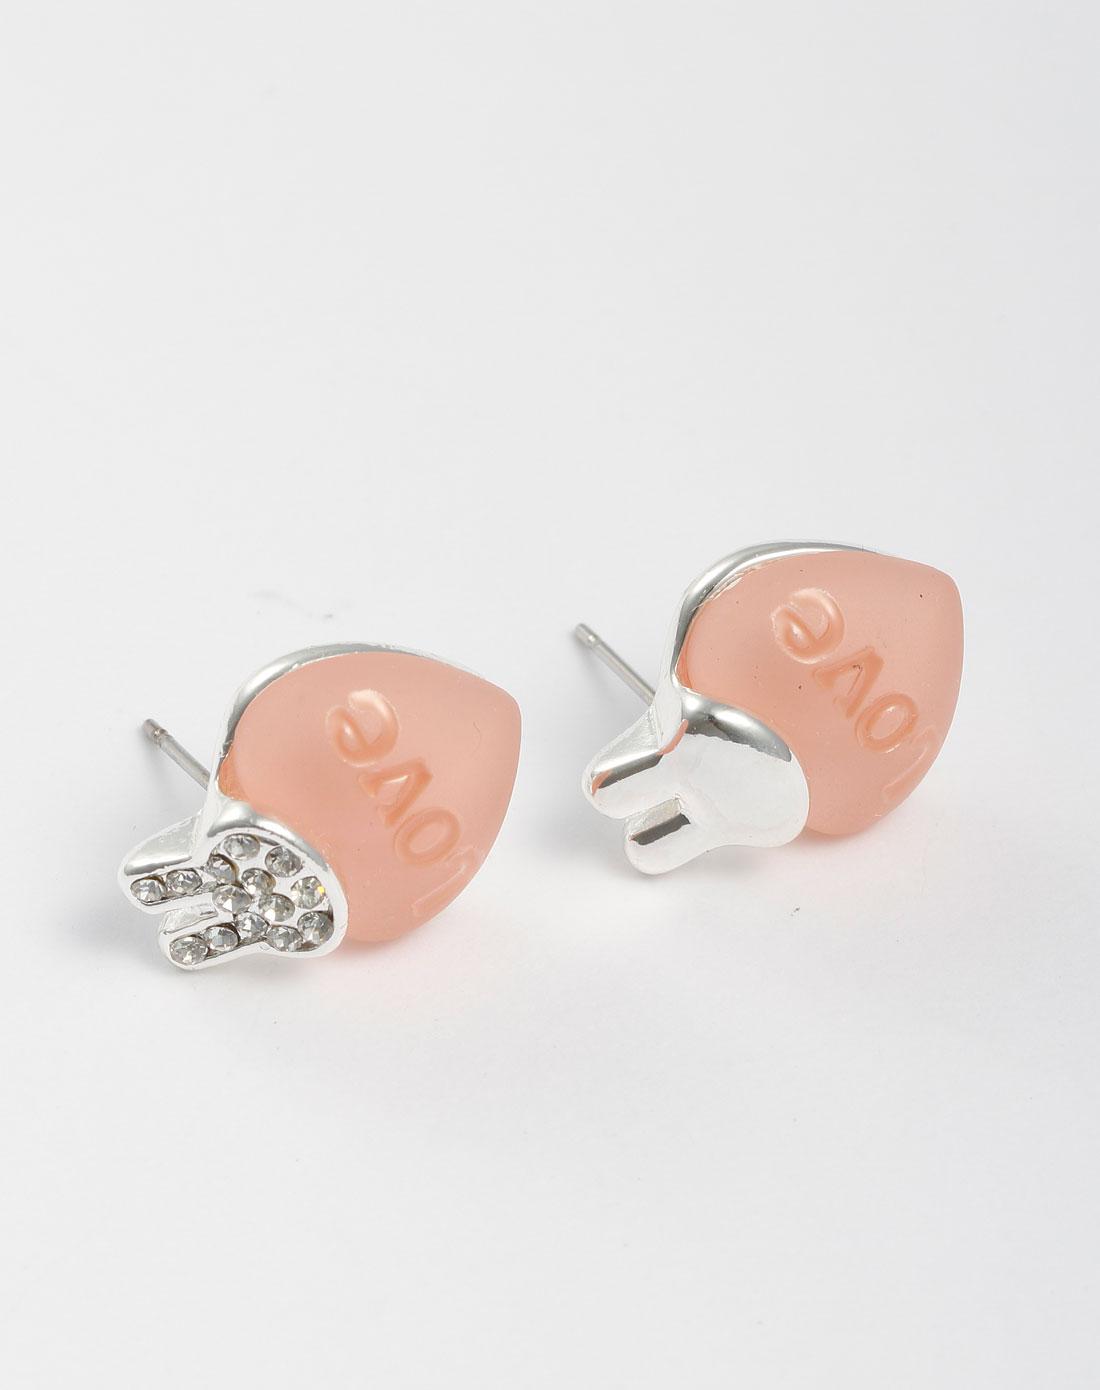 银/粉红色可爱心形耳环